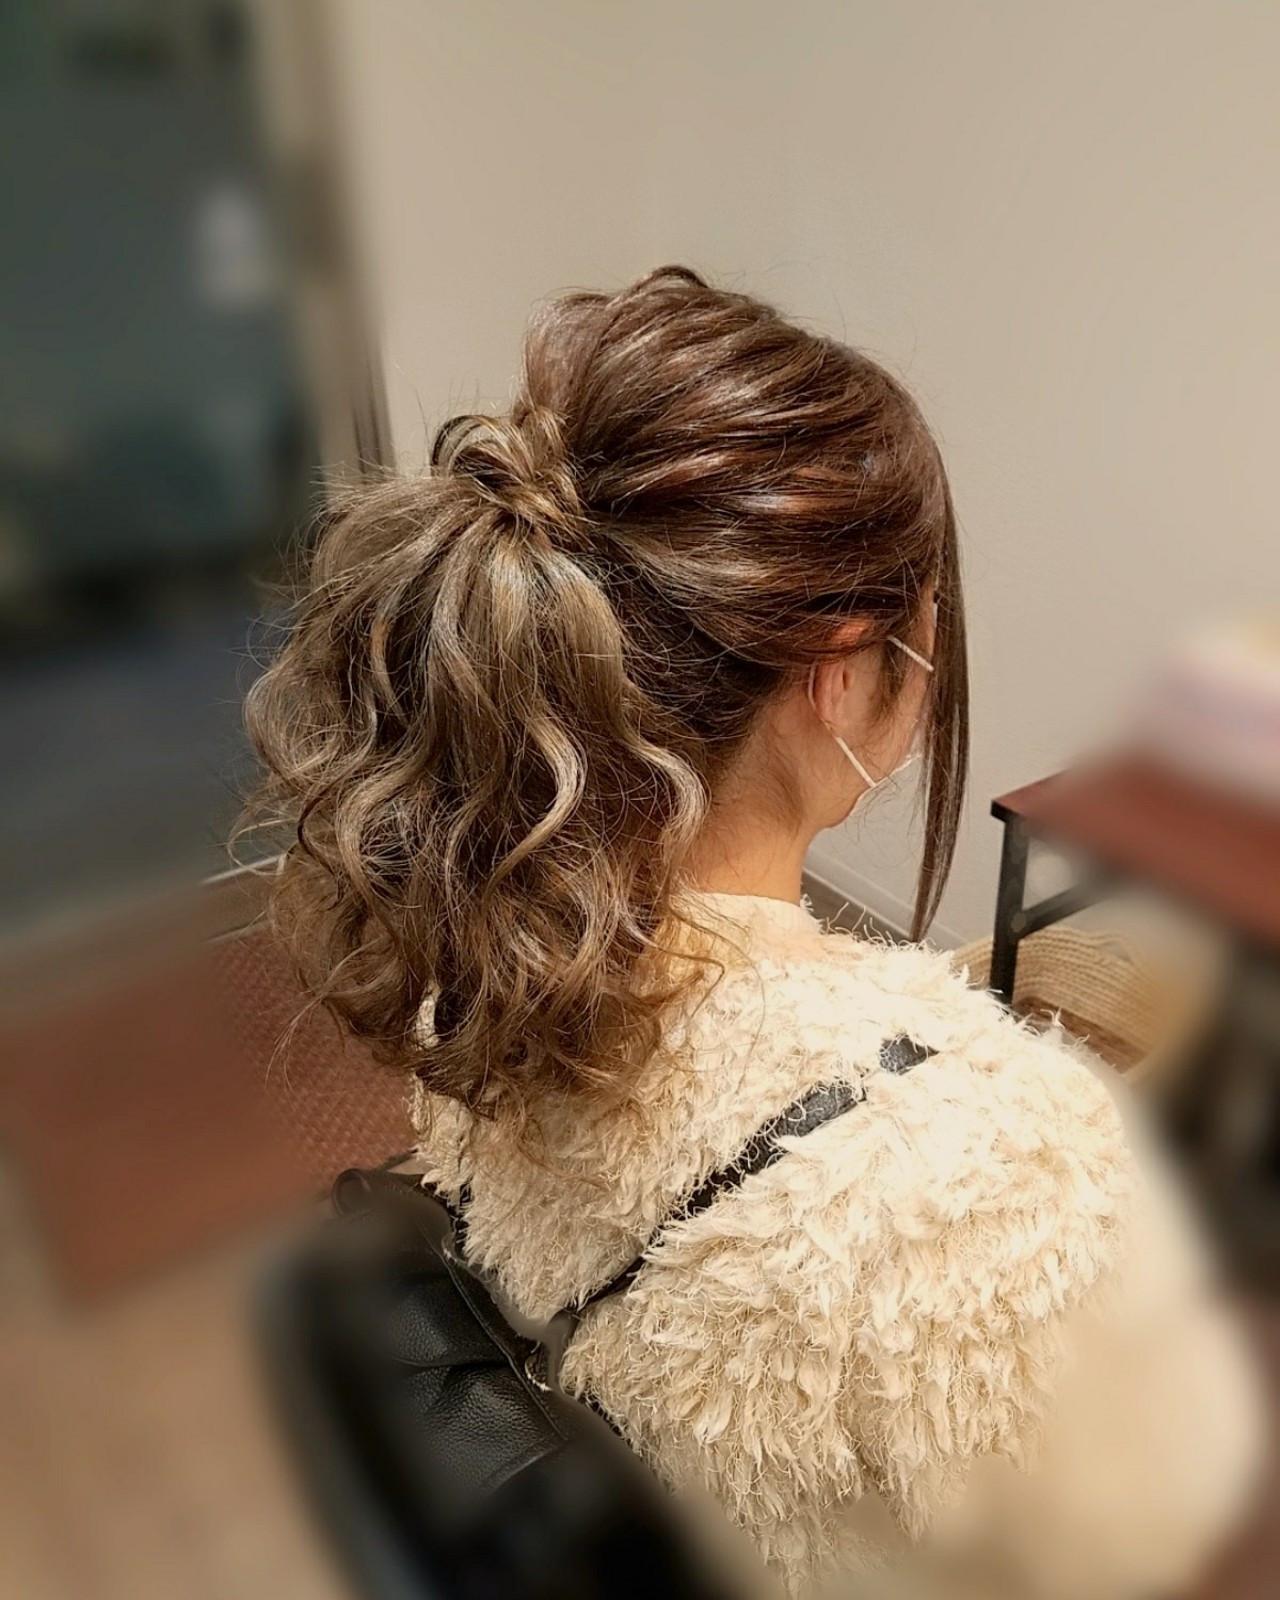 セミロング ポニーテール フェミニン アップスタイル ヘアスタイルや髪型の写真・画像